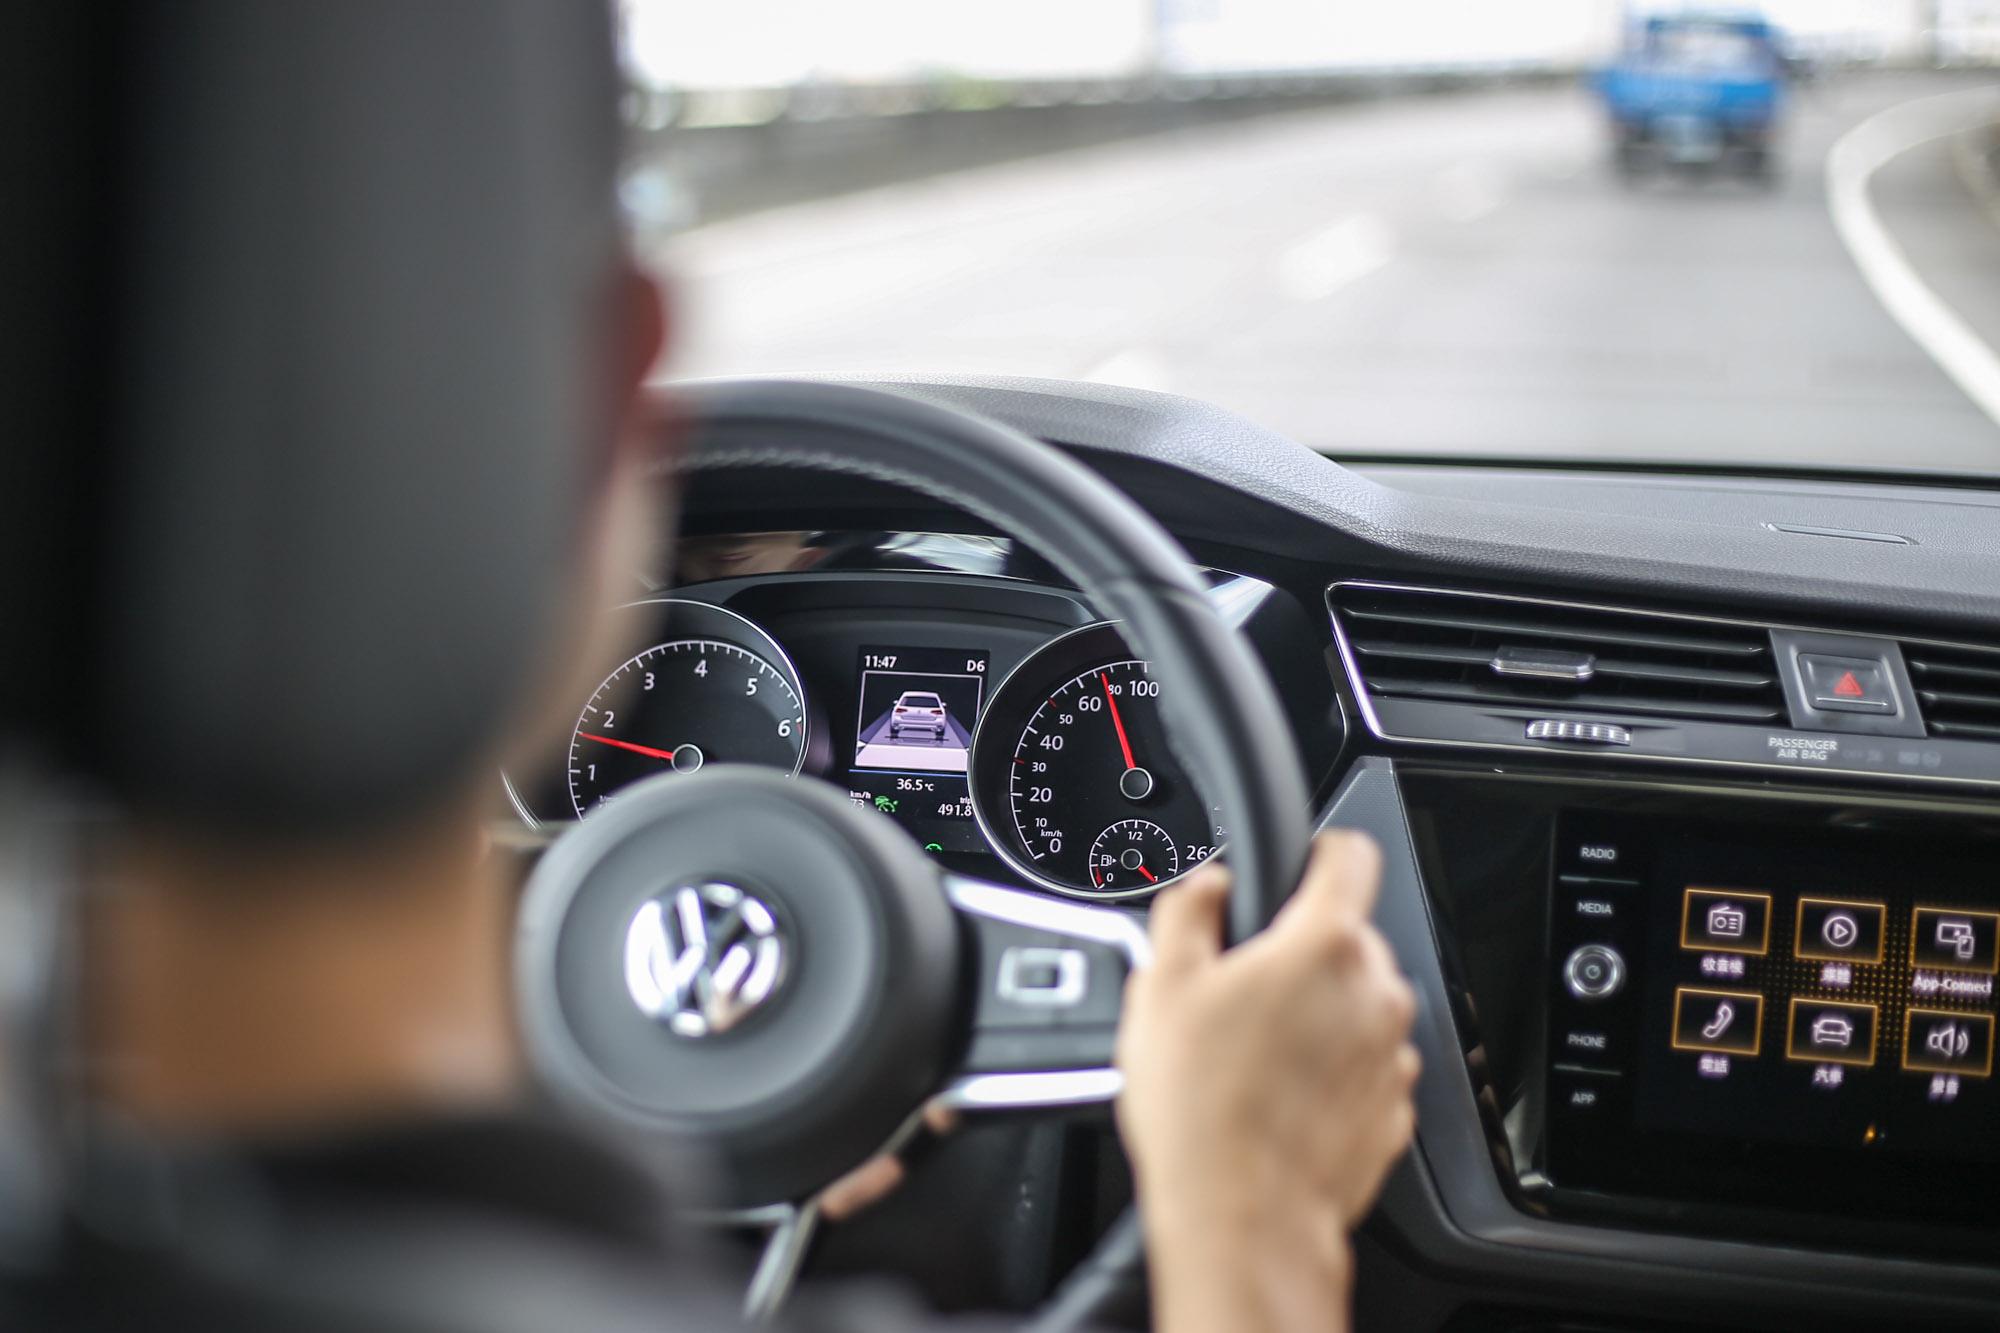 車側維持及偏移警示系統雖然含有修正輔助功能,但基本上不算是車道置中維持的等級。